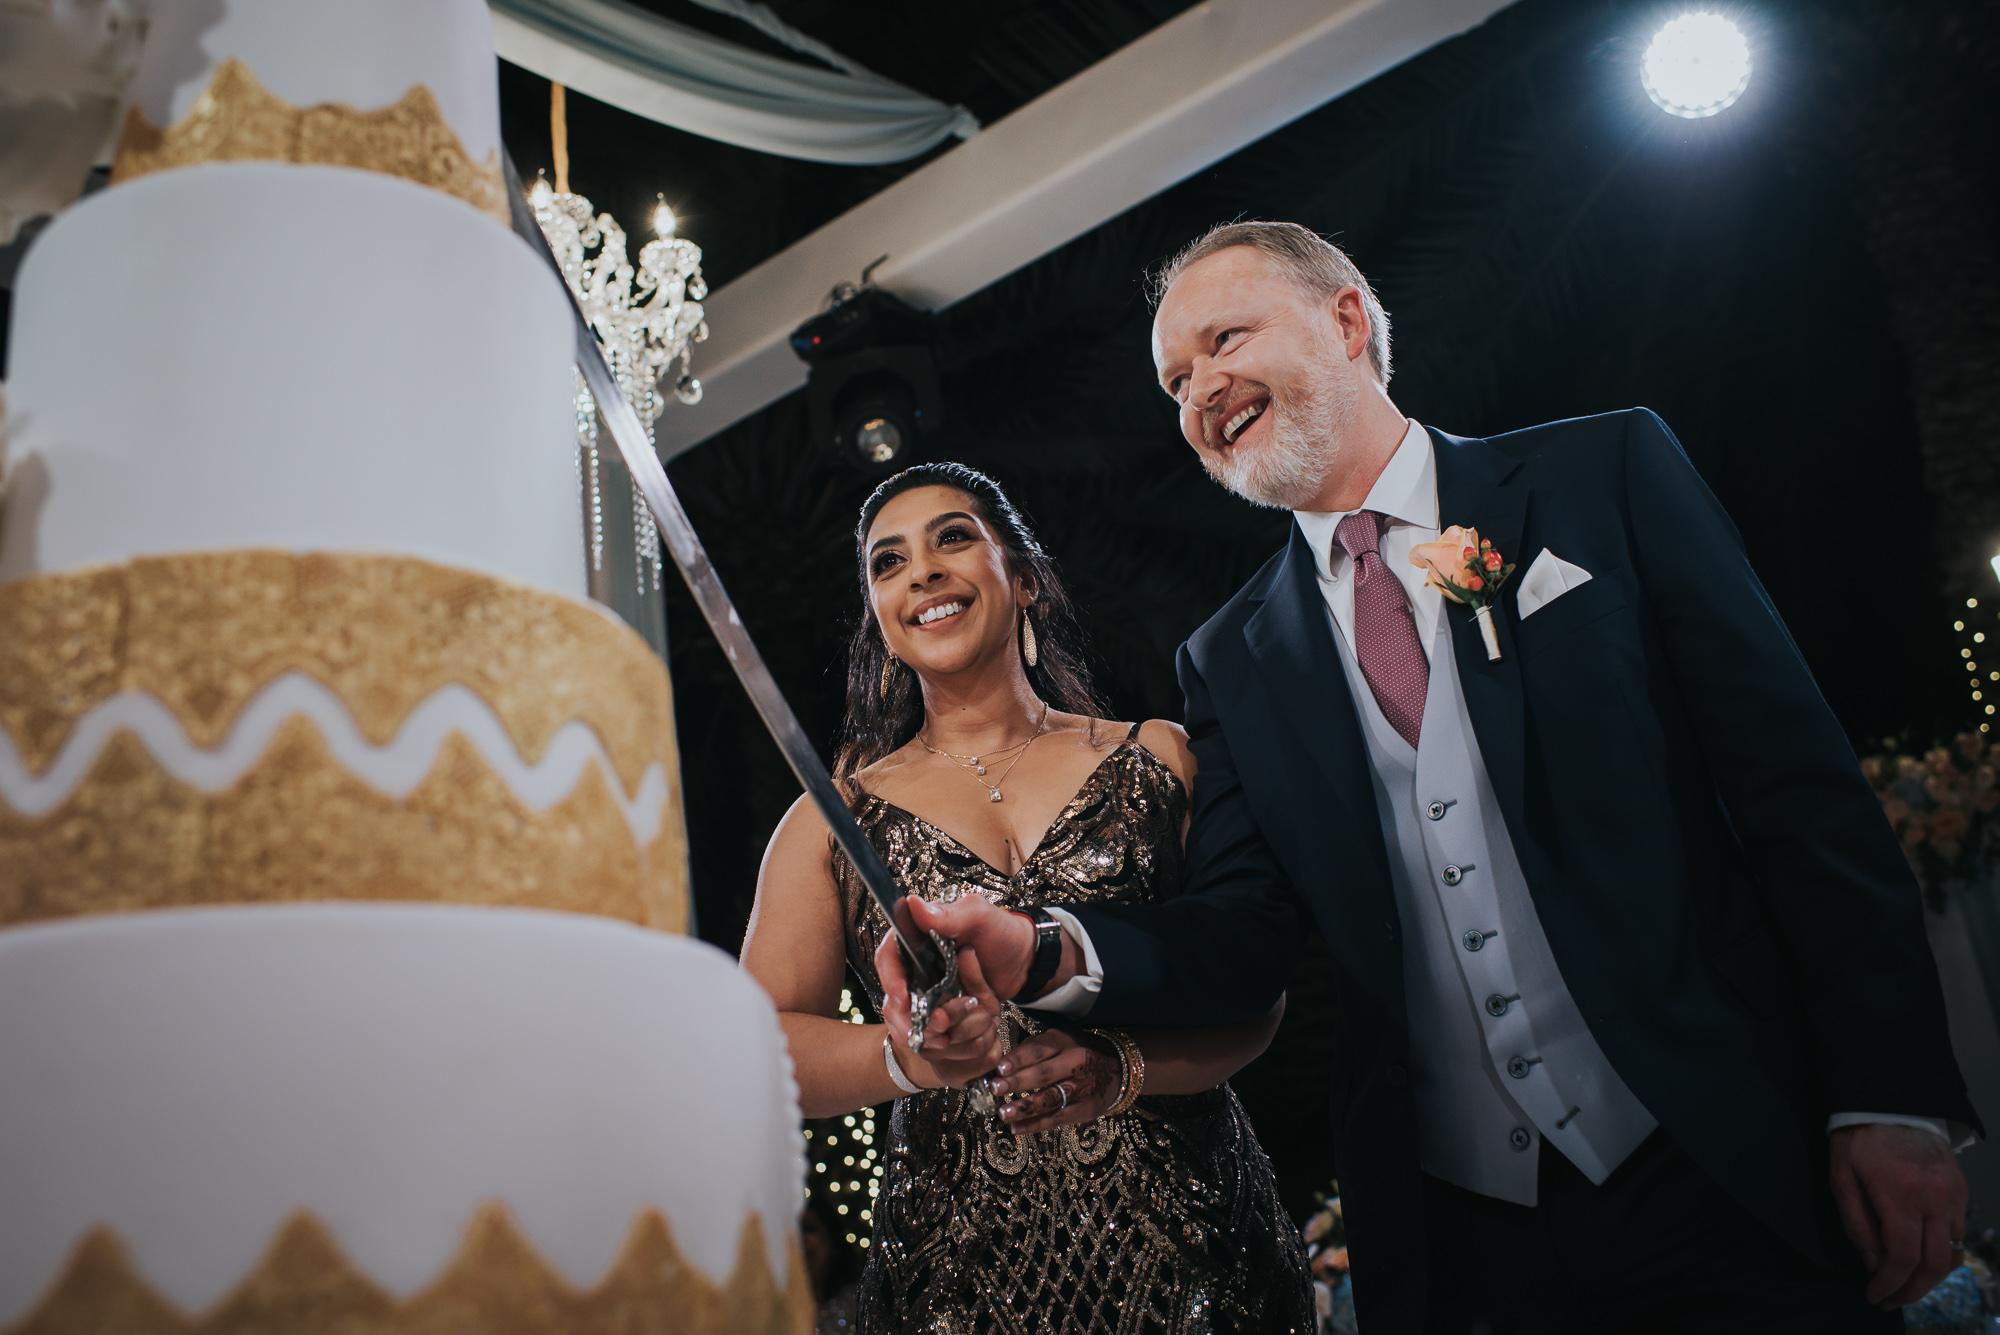 madinat jumeirah dubai wedding photographer  destination wedding photography (42 of 52).jpg